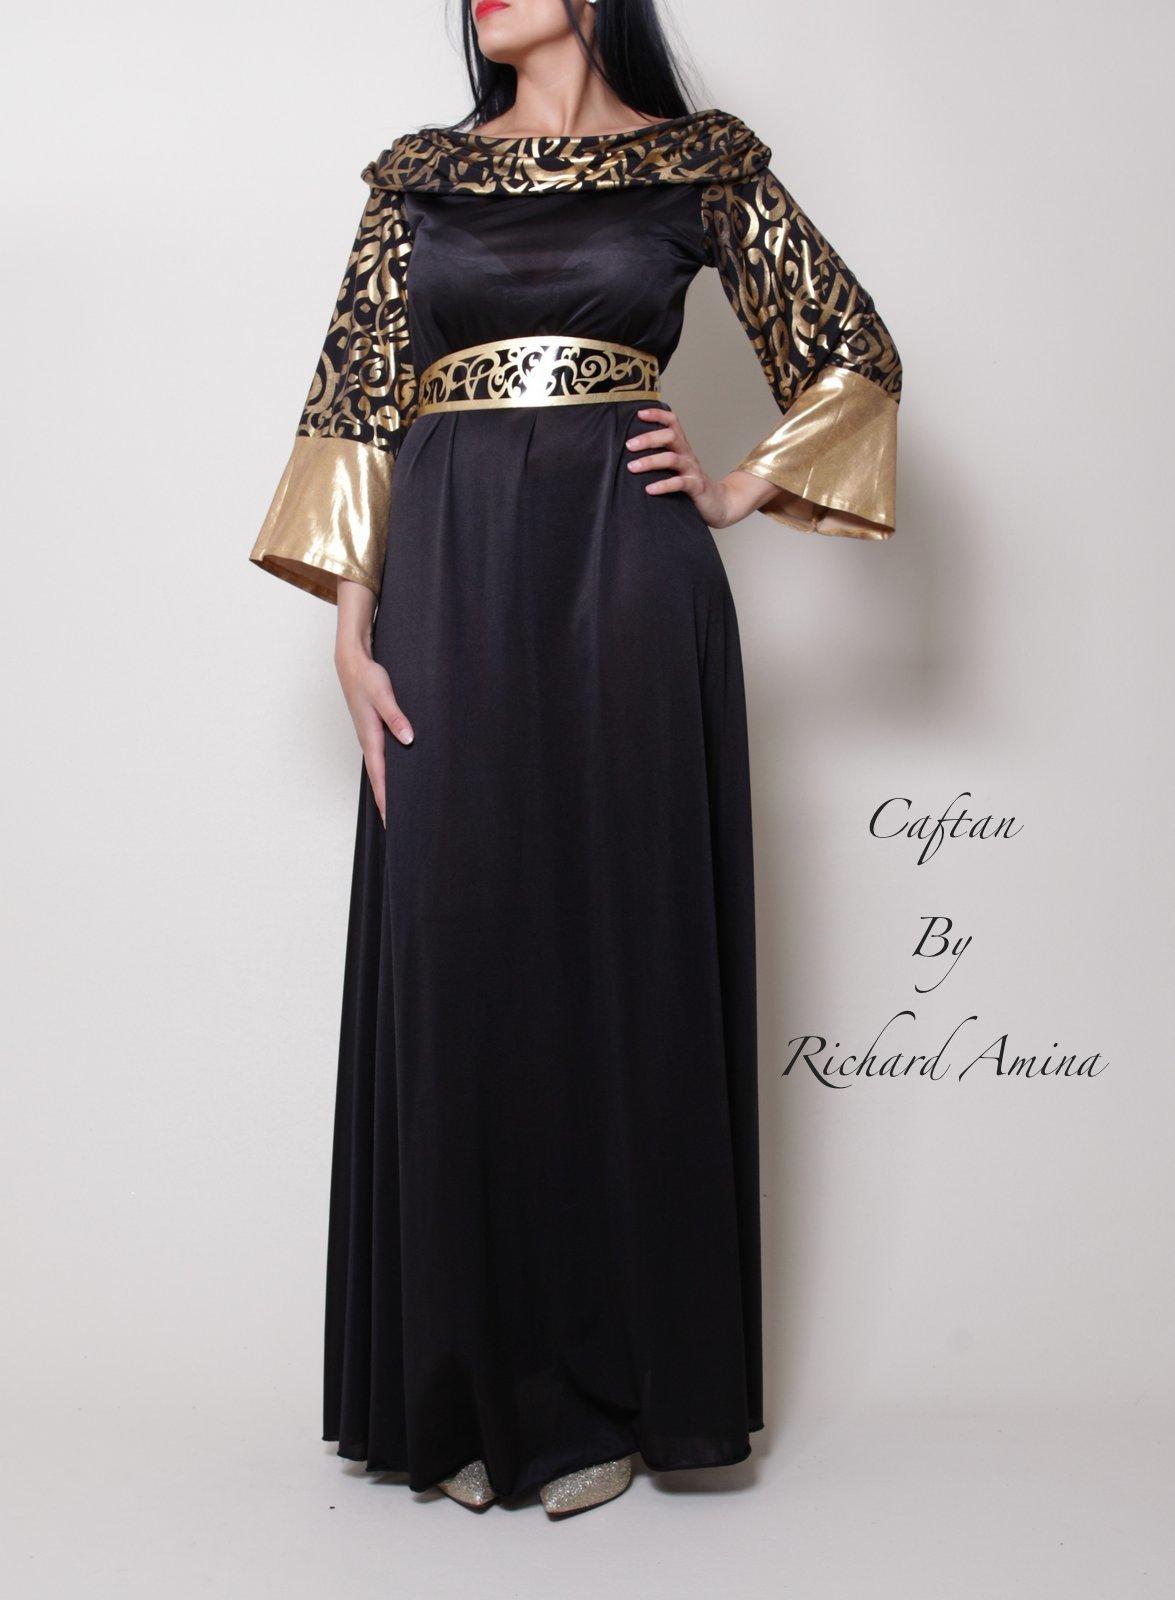 f6469a1ab1e Esprit haute couture pour ce caftan Dubaï glamour et original.